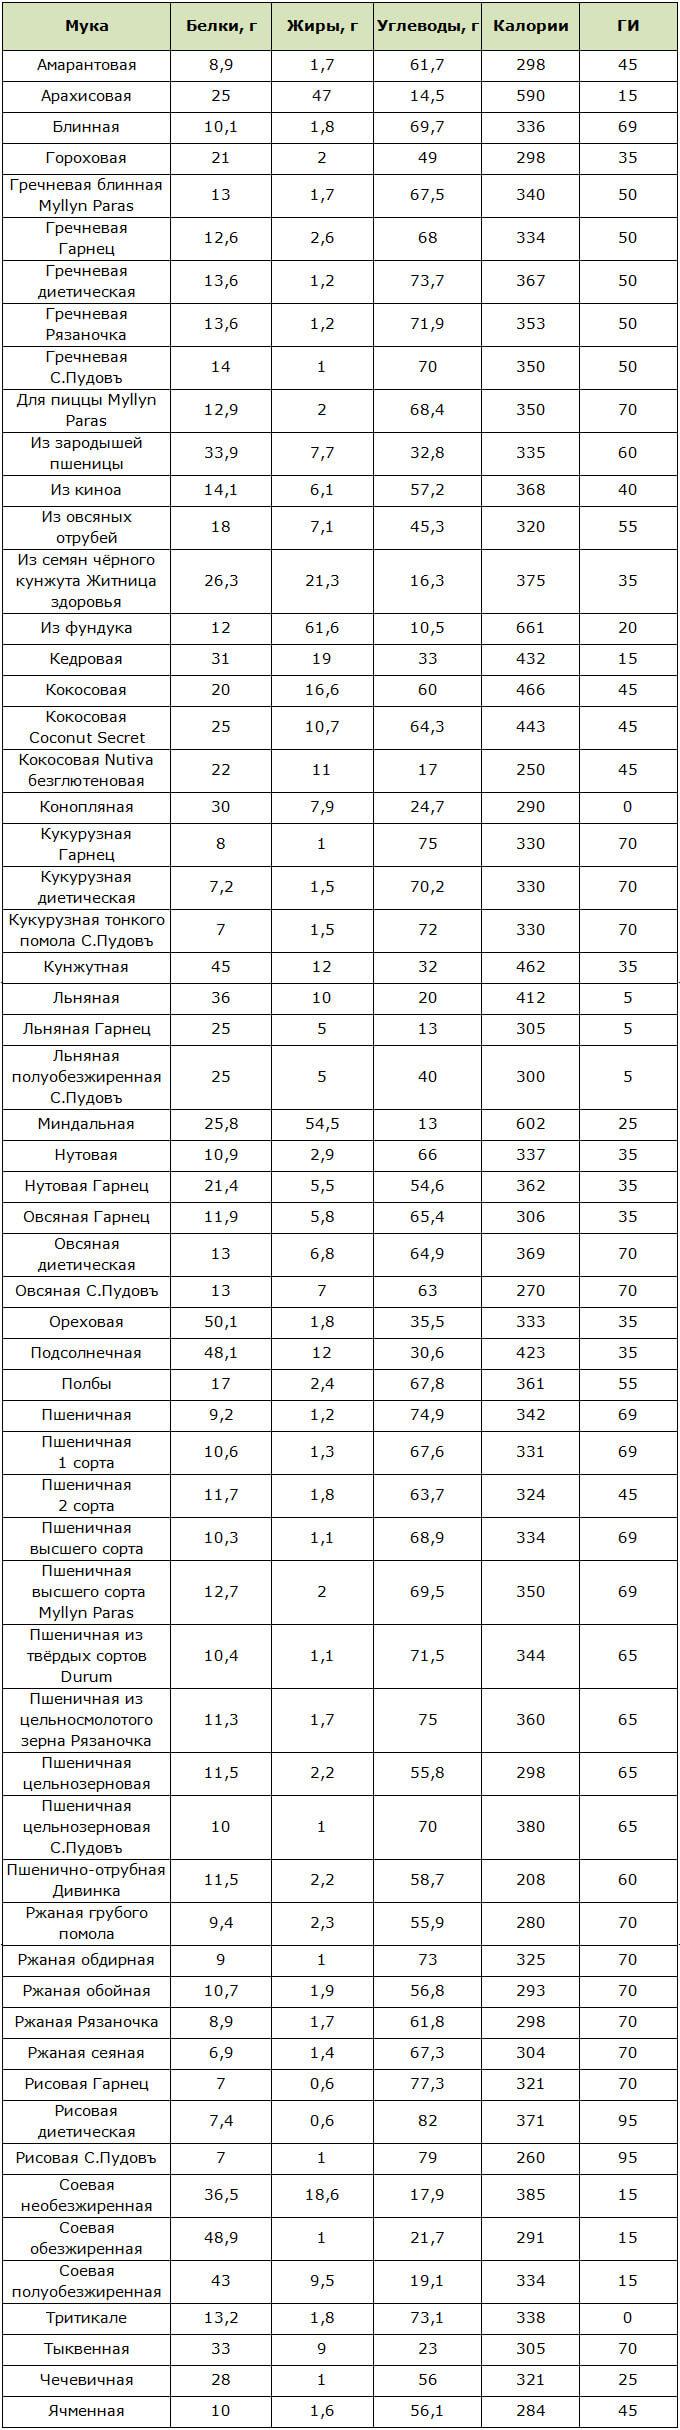 Таблица пищевой ценности и калорийности различных видов муки